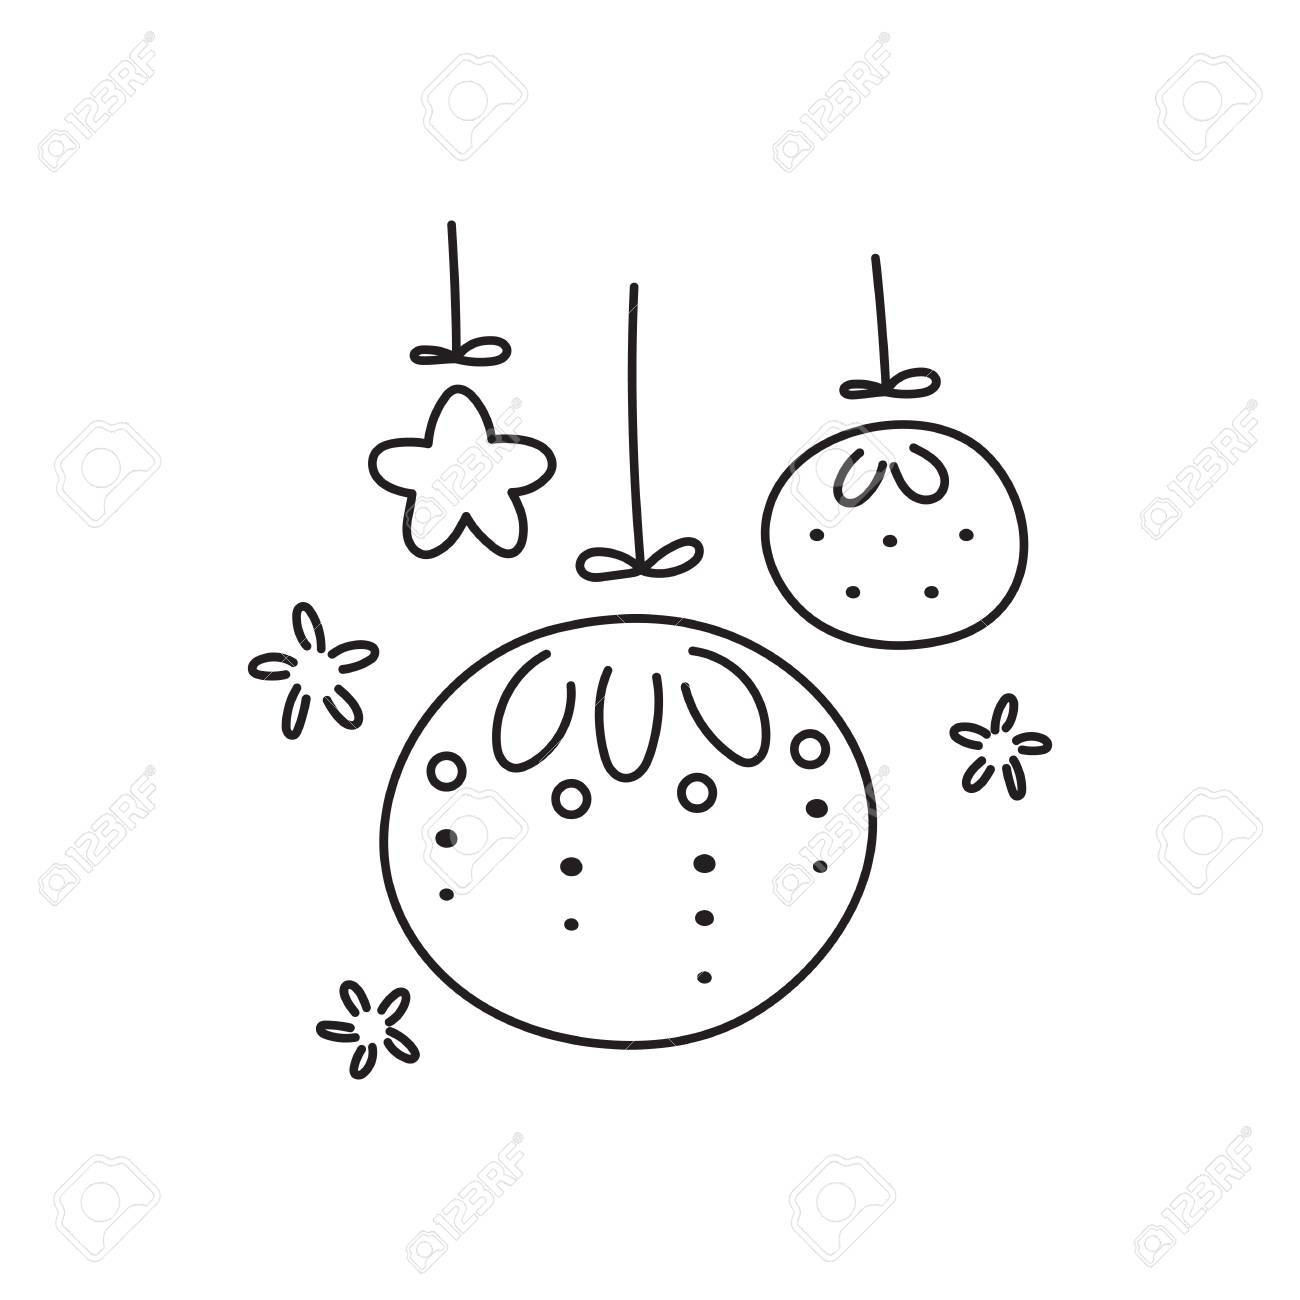 手薄い線アイコンベクトルのロゴのテンプレートのイラスト冬の休日の